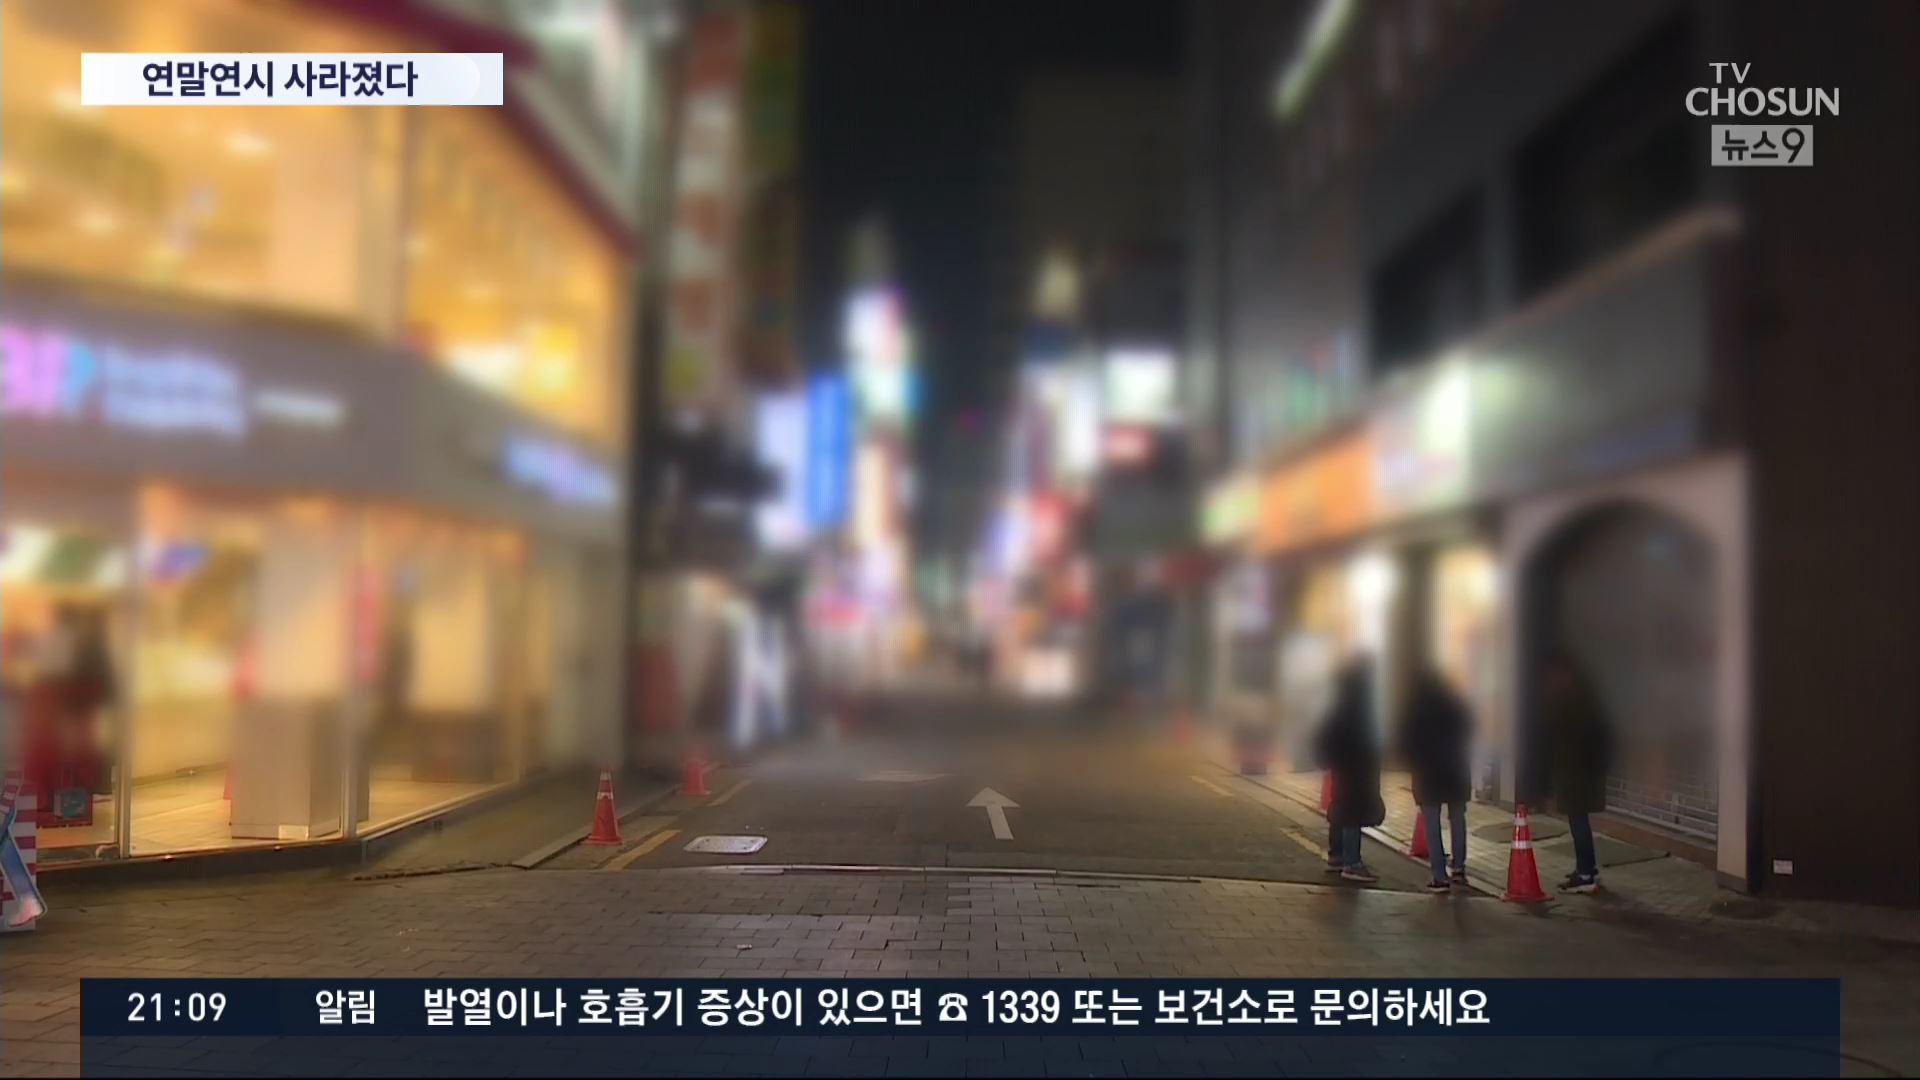 '5인이상 모임' 금지 앞둔 거리엔 적막감만…상인들 '한숨'